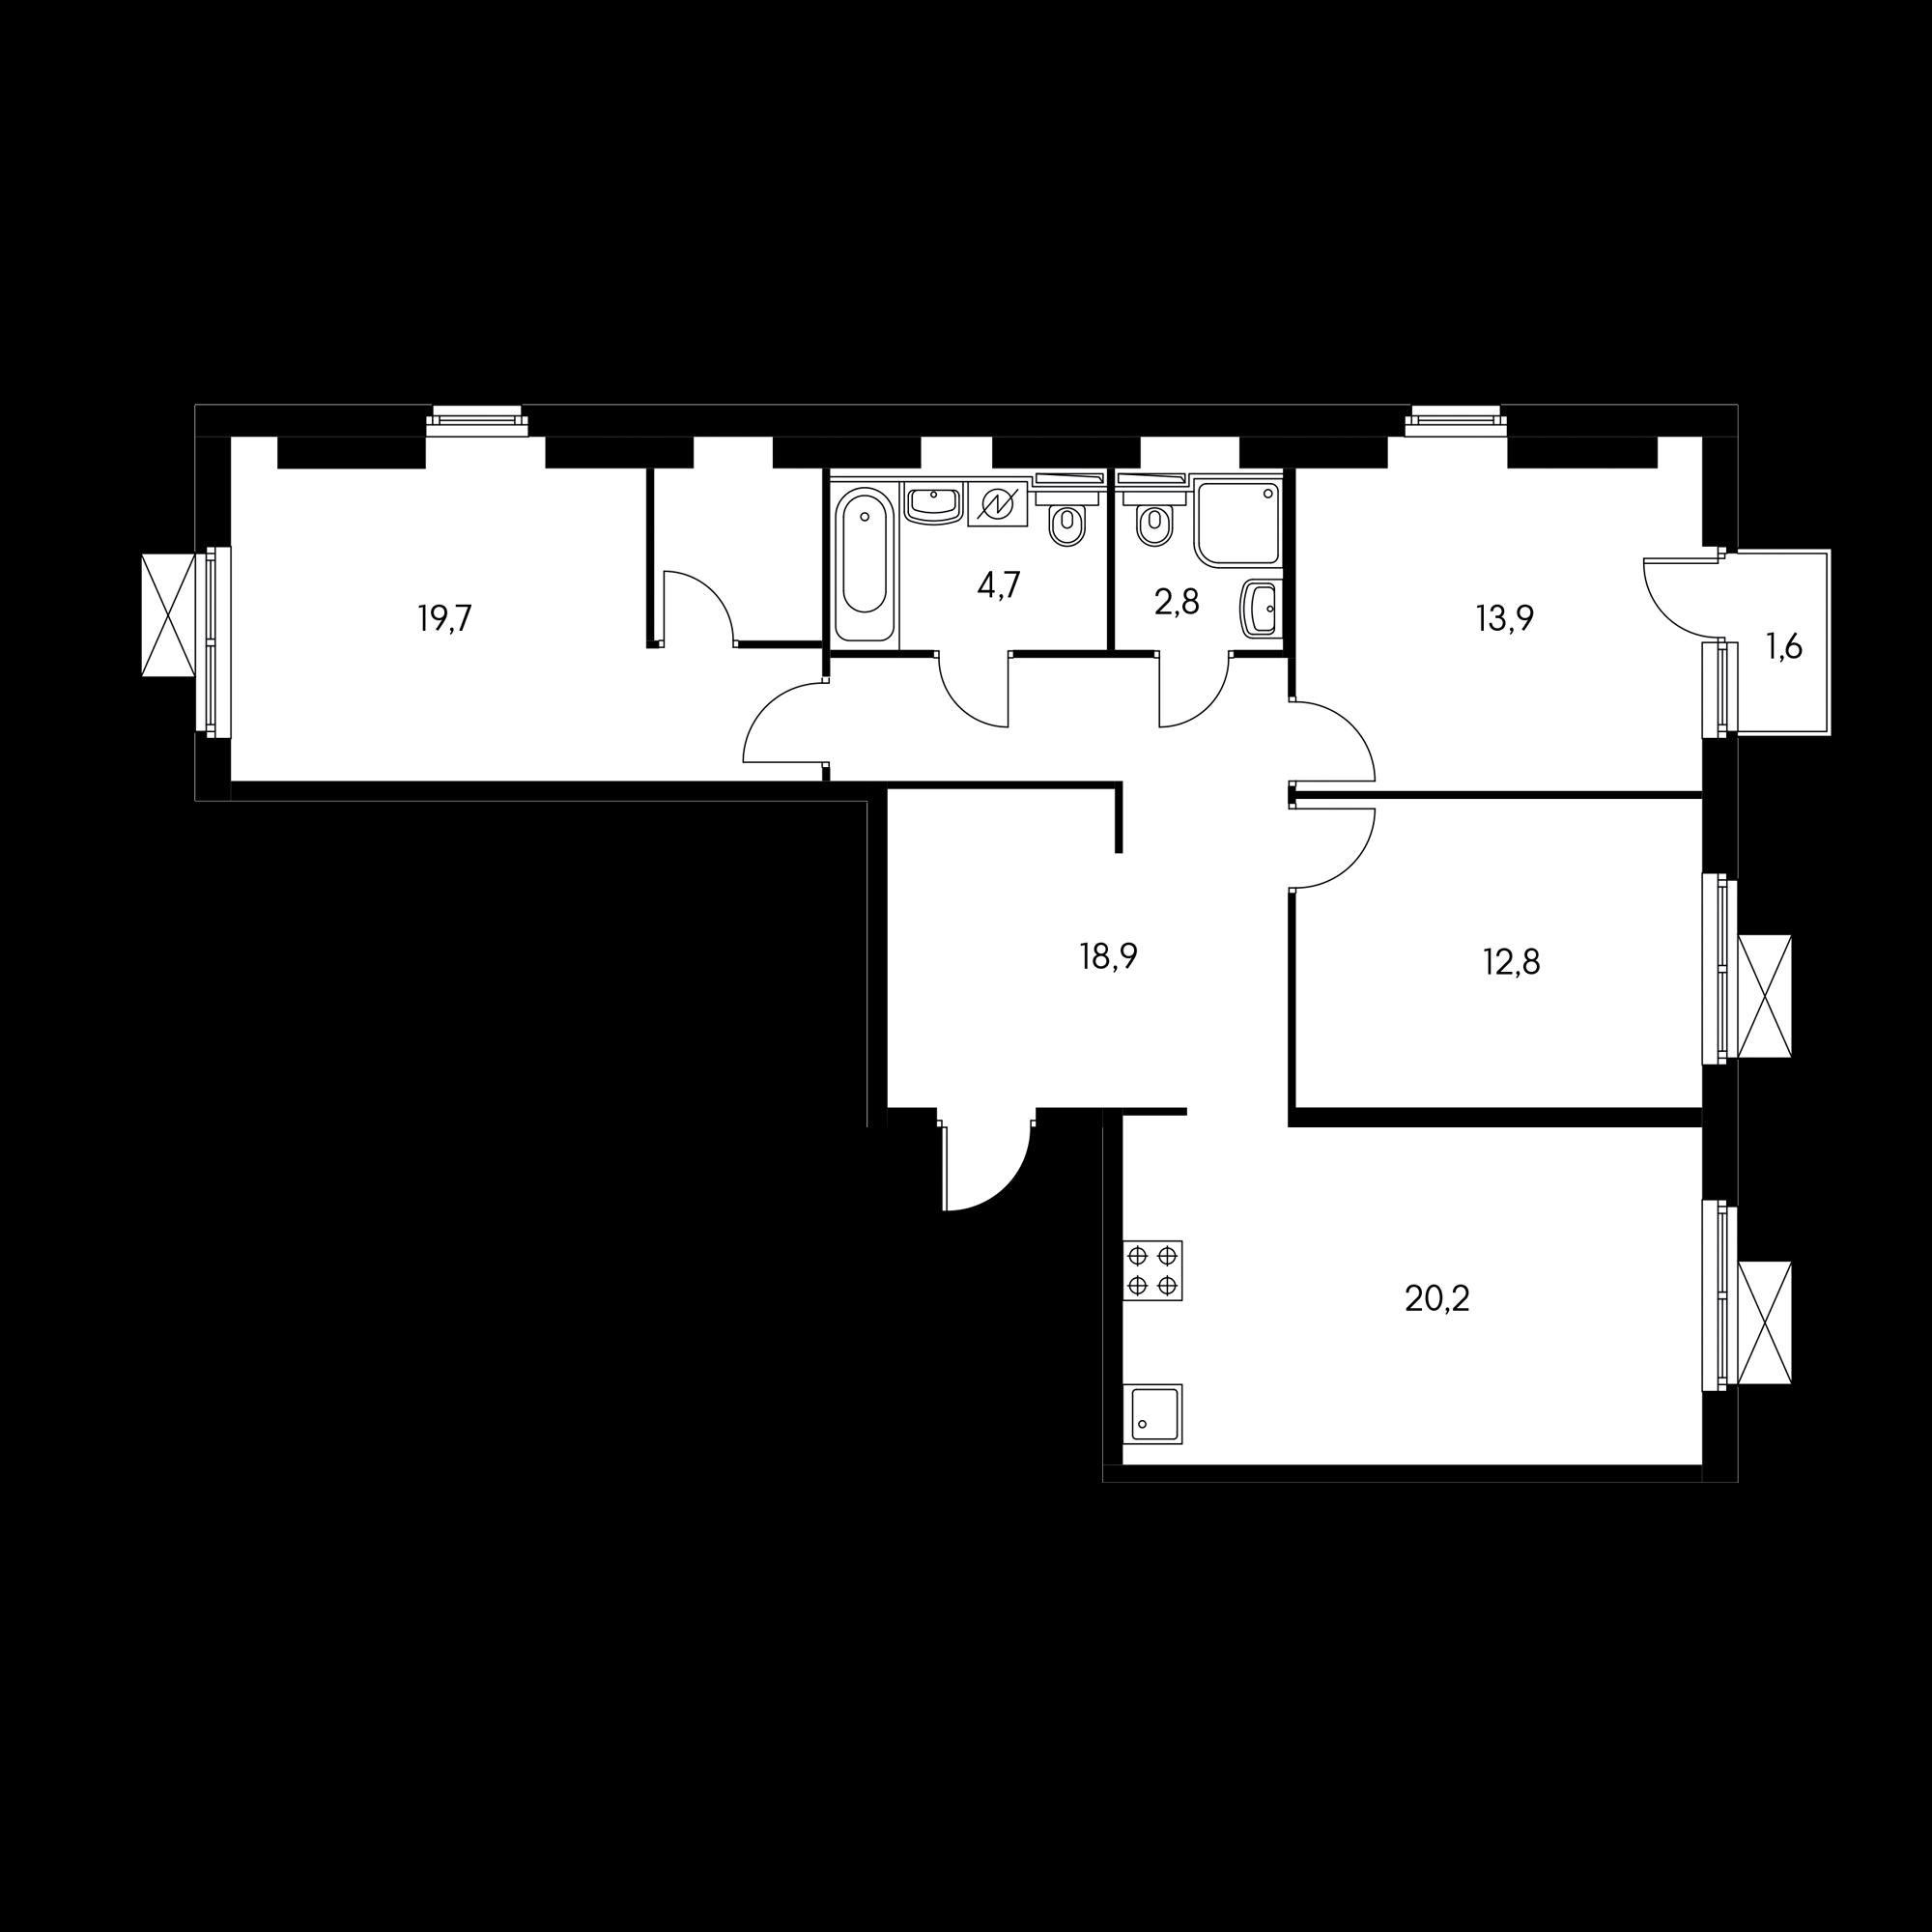 3EL3_10.2-1.1_ТБ.1*